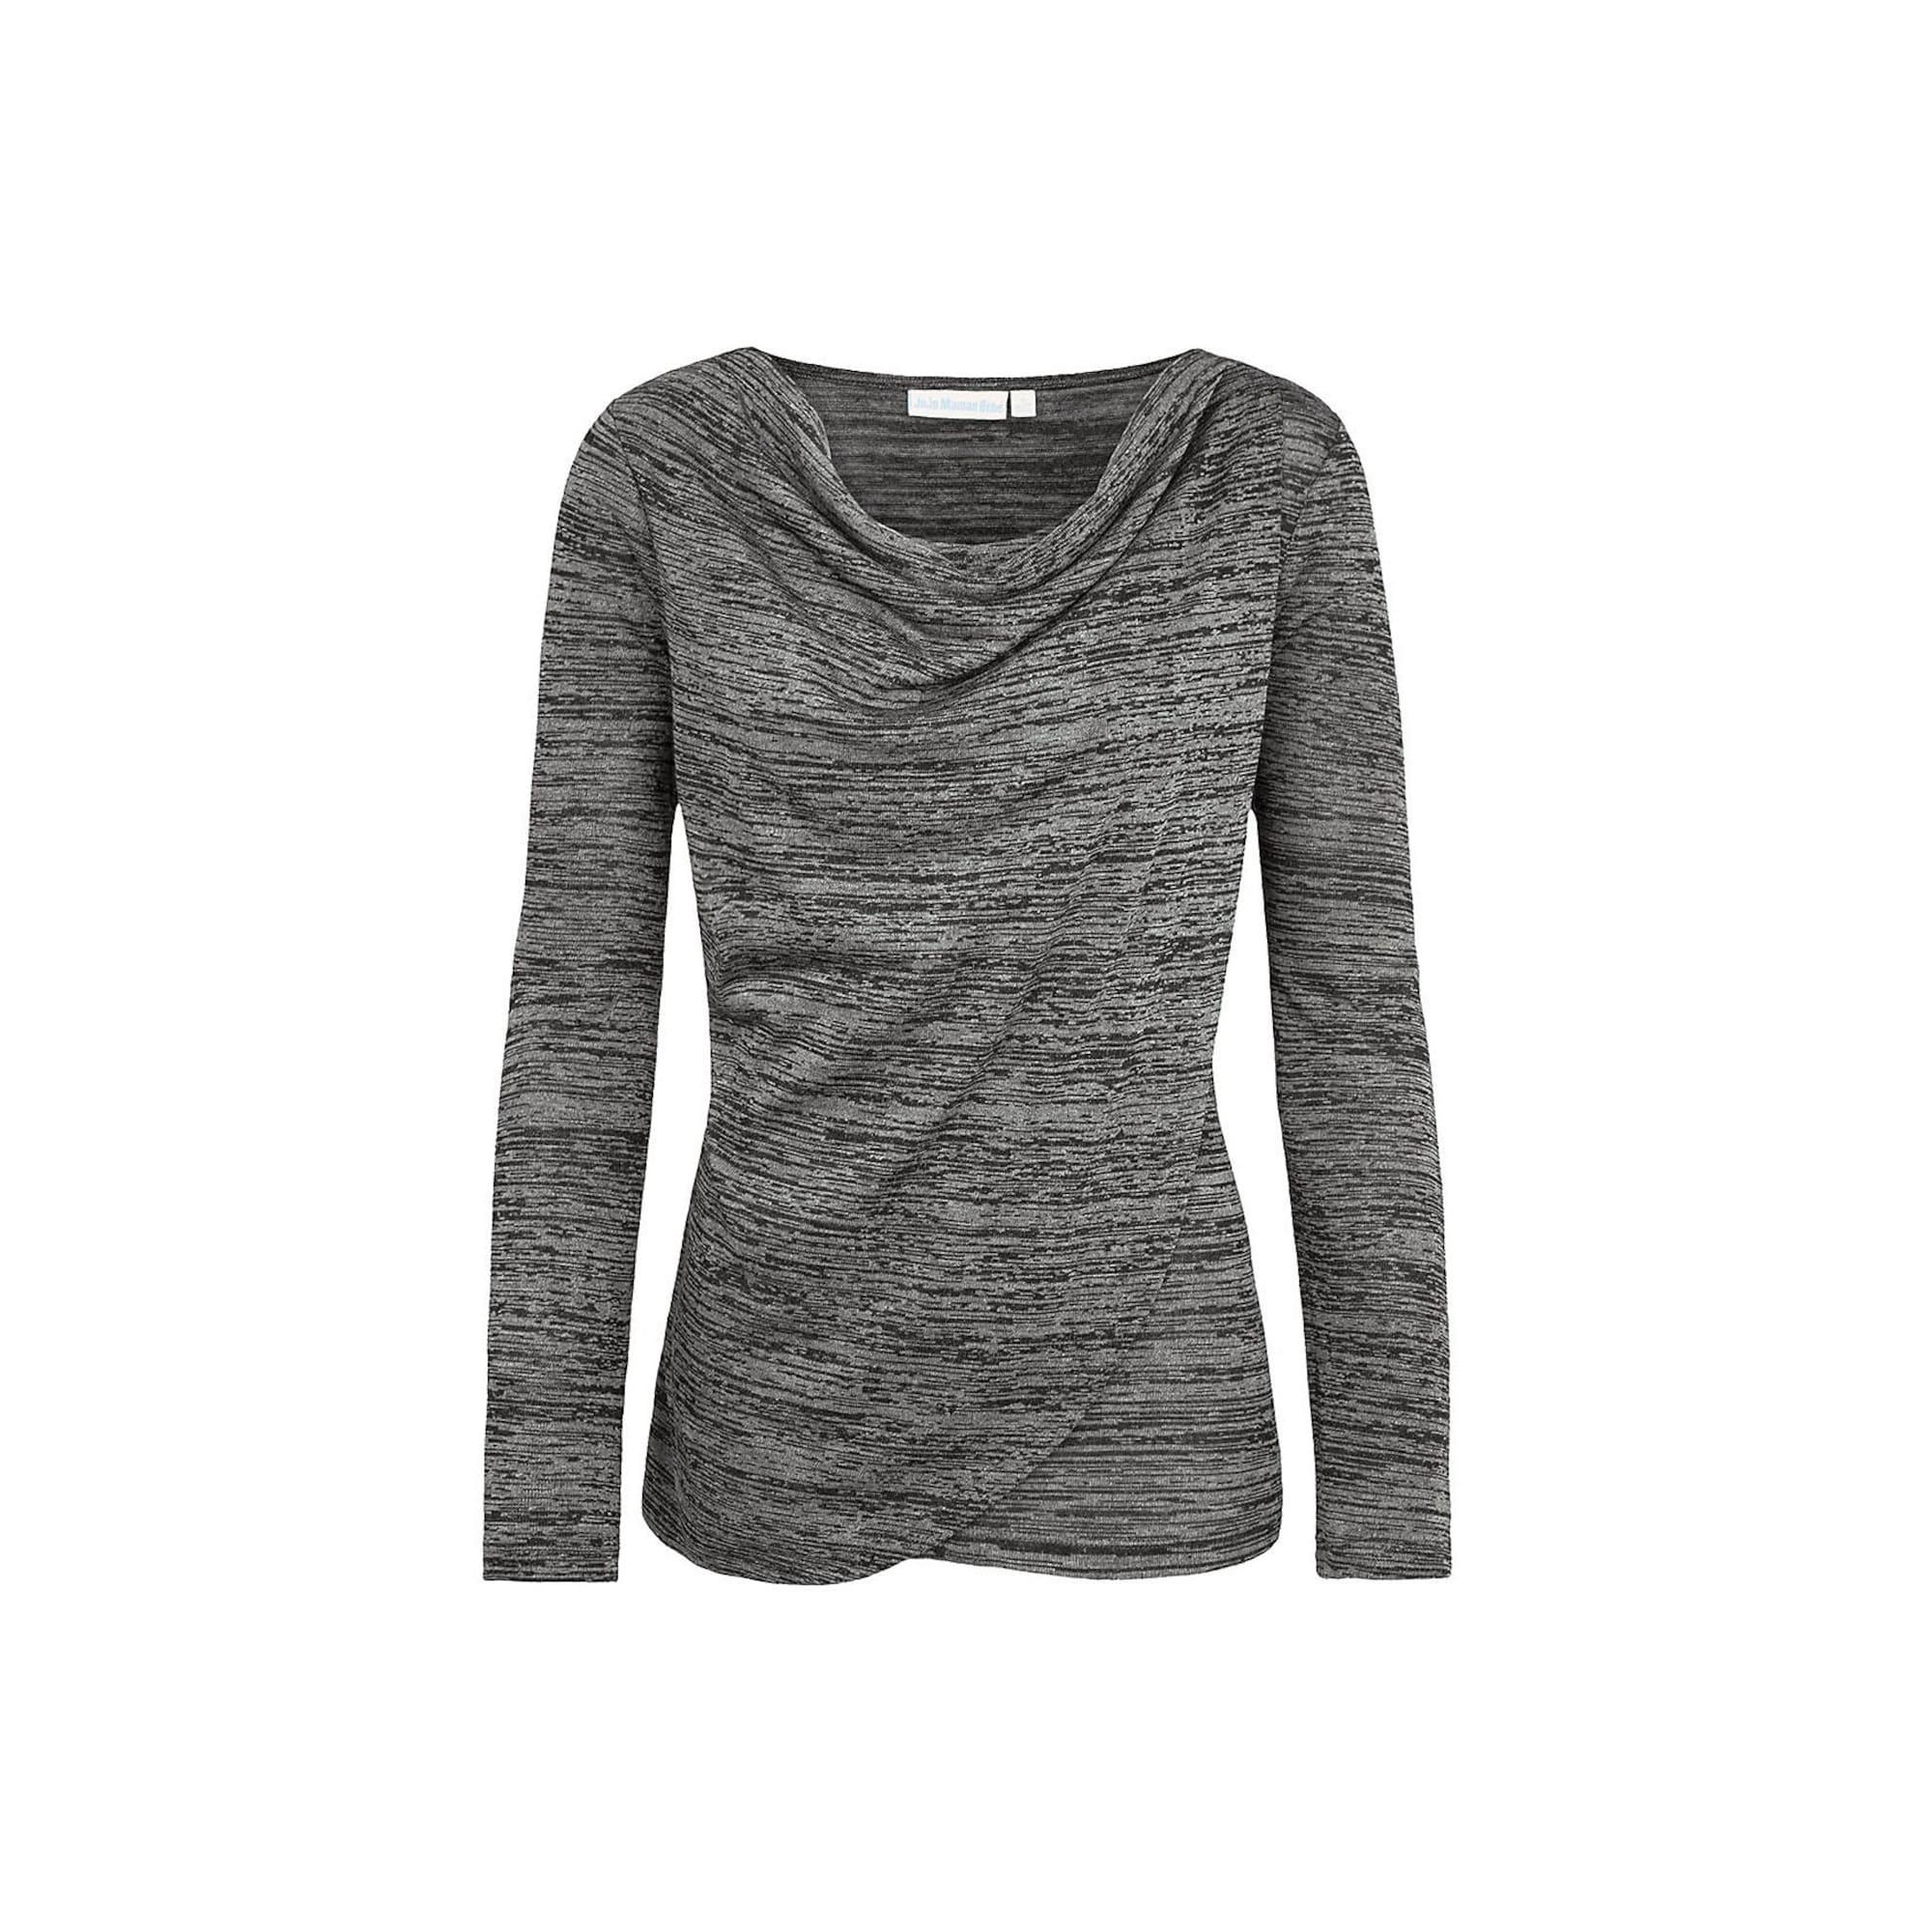 JoJo Maman Bébé Marškinėliai margai pilka / tamsiai pilka